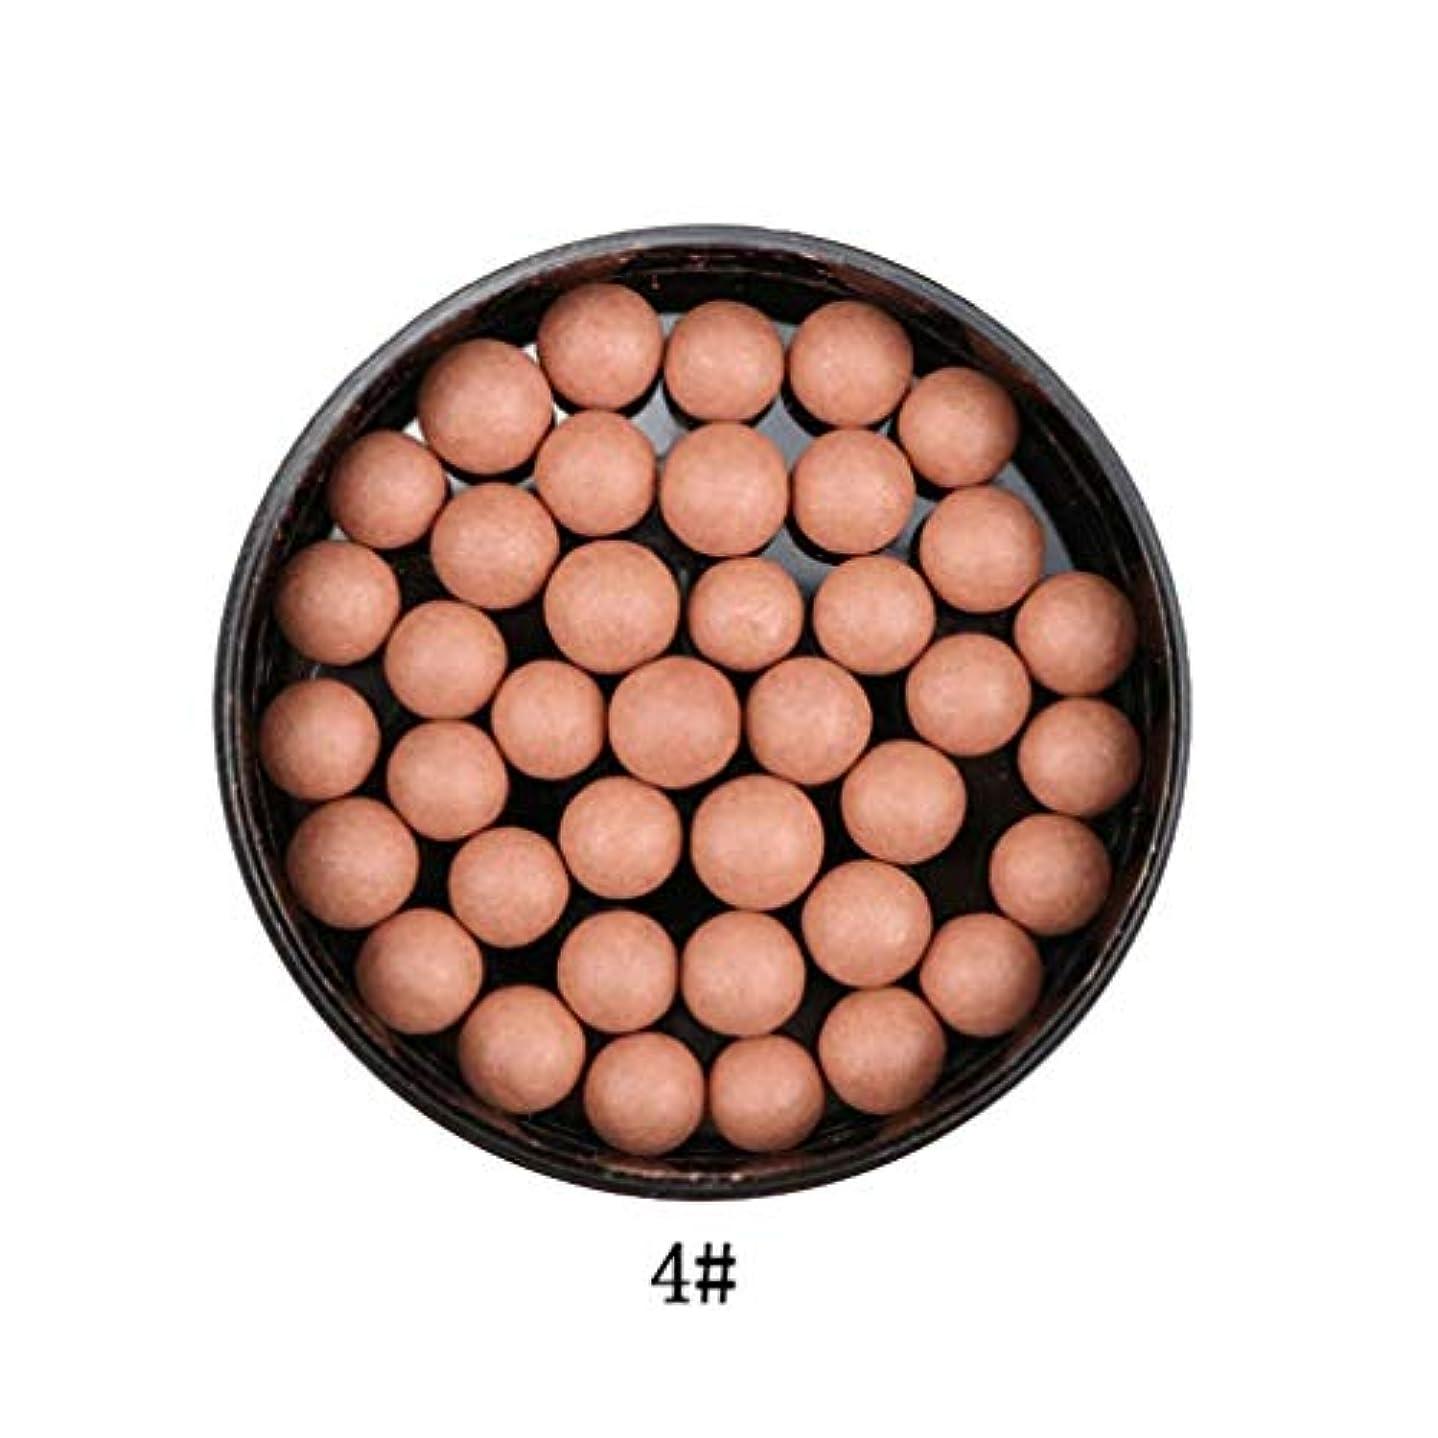 効能こねるシャイ3では1ポータブルブラッシュロングラスティング顔料マットナチュラルフェイスブラッシュボールオイルコントロール輪郭ブラッシュブロンザー